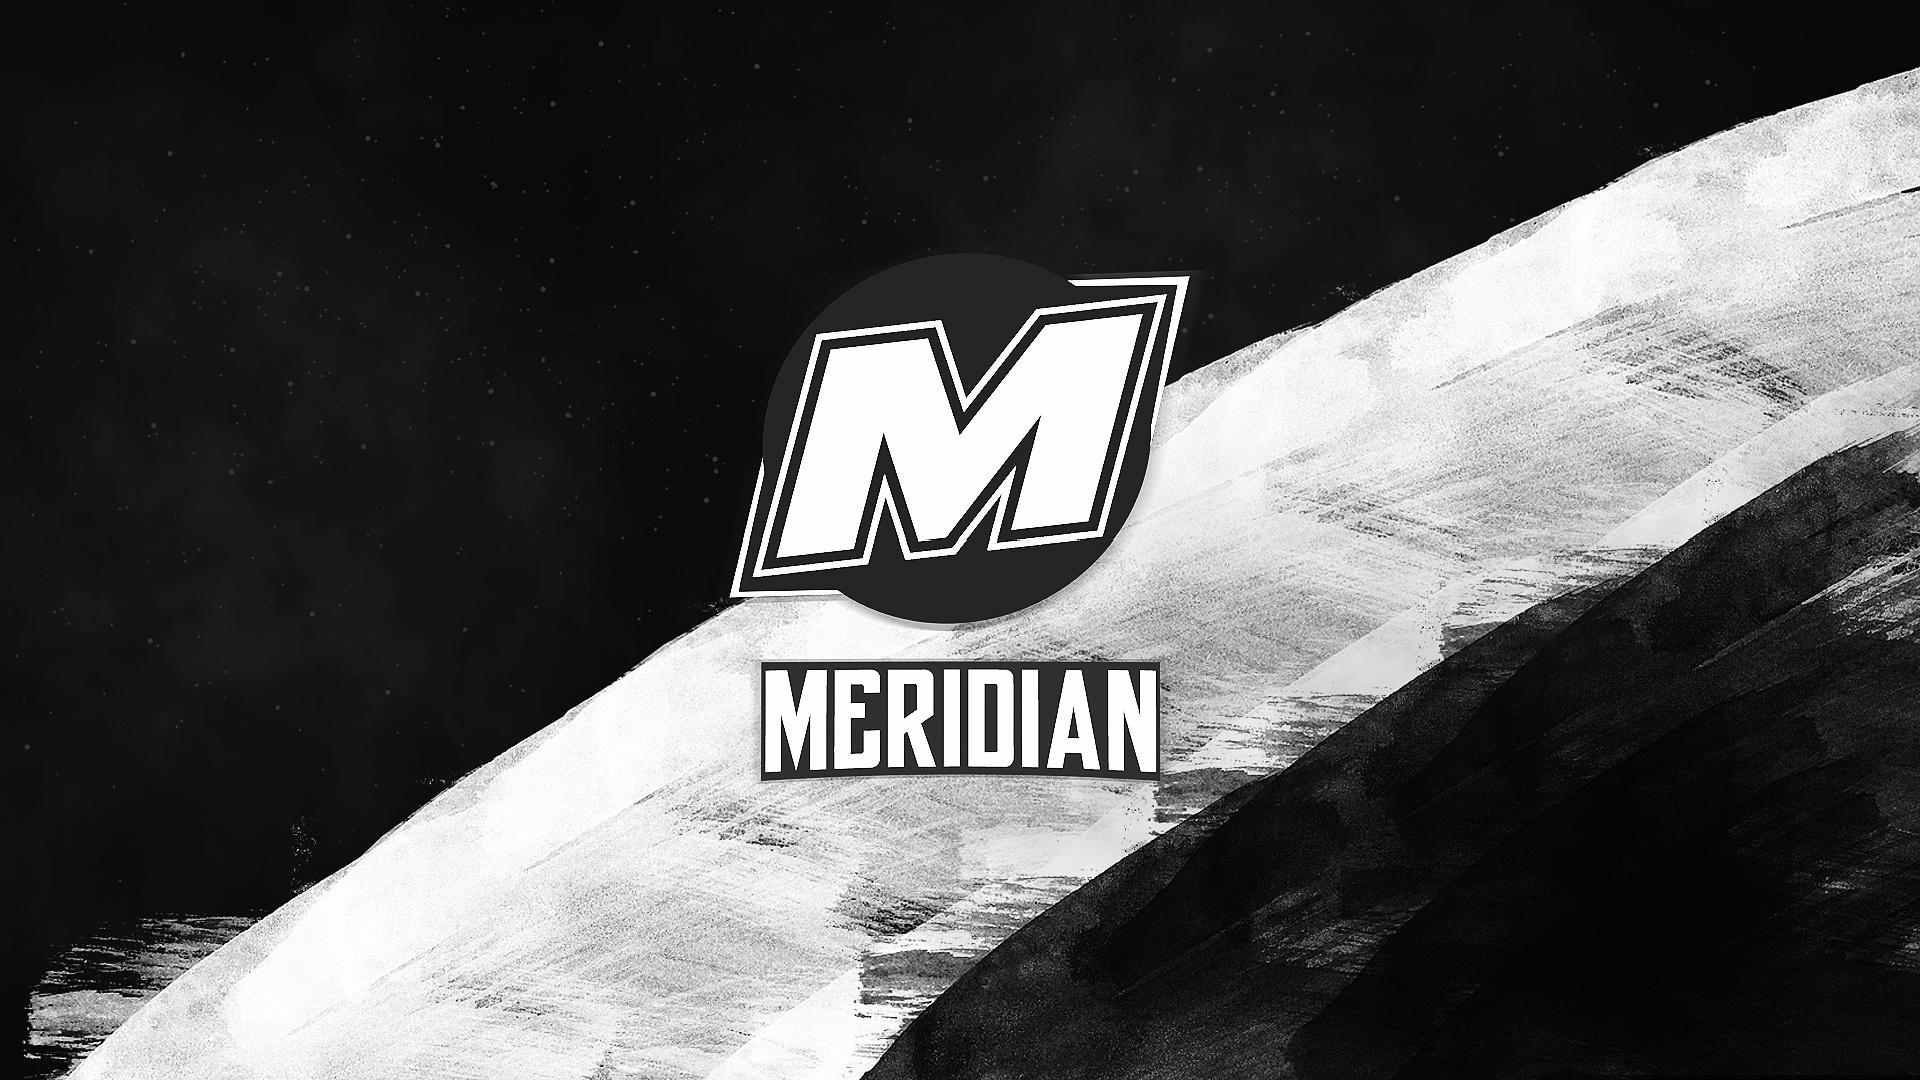 Team Meridian